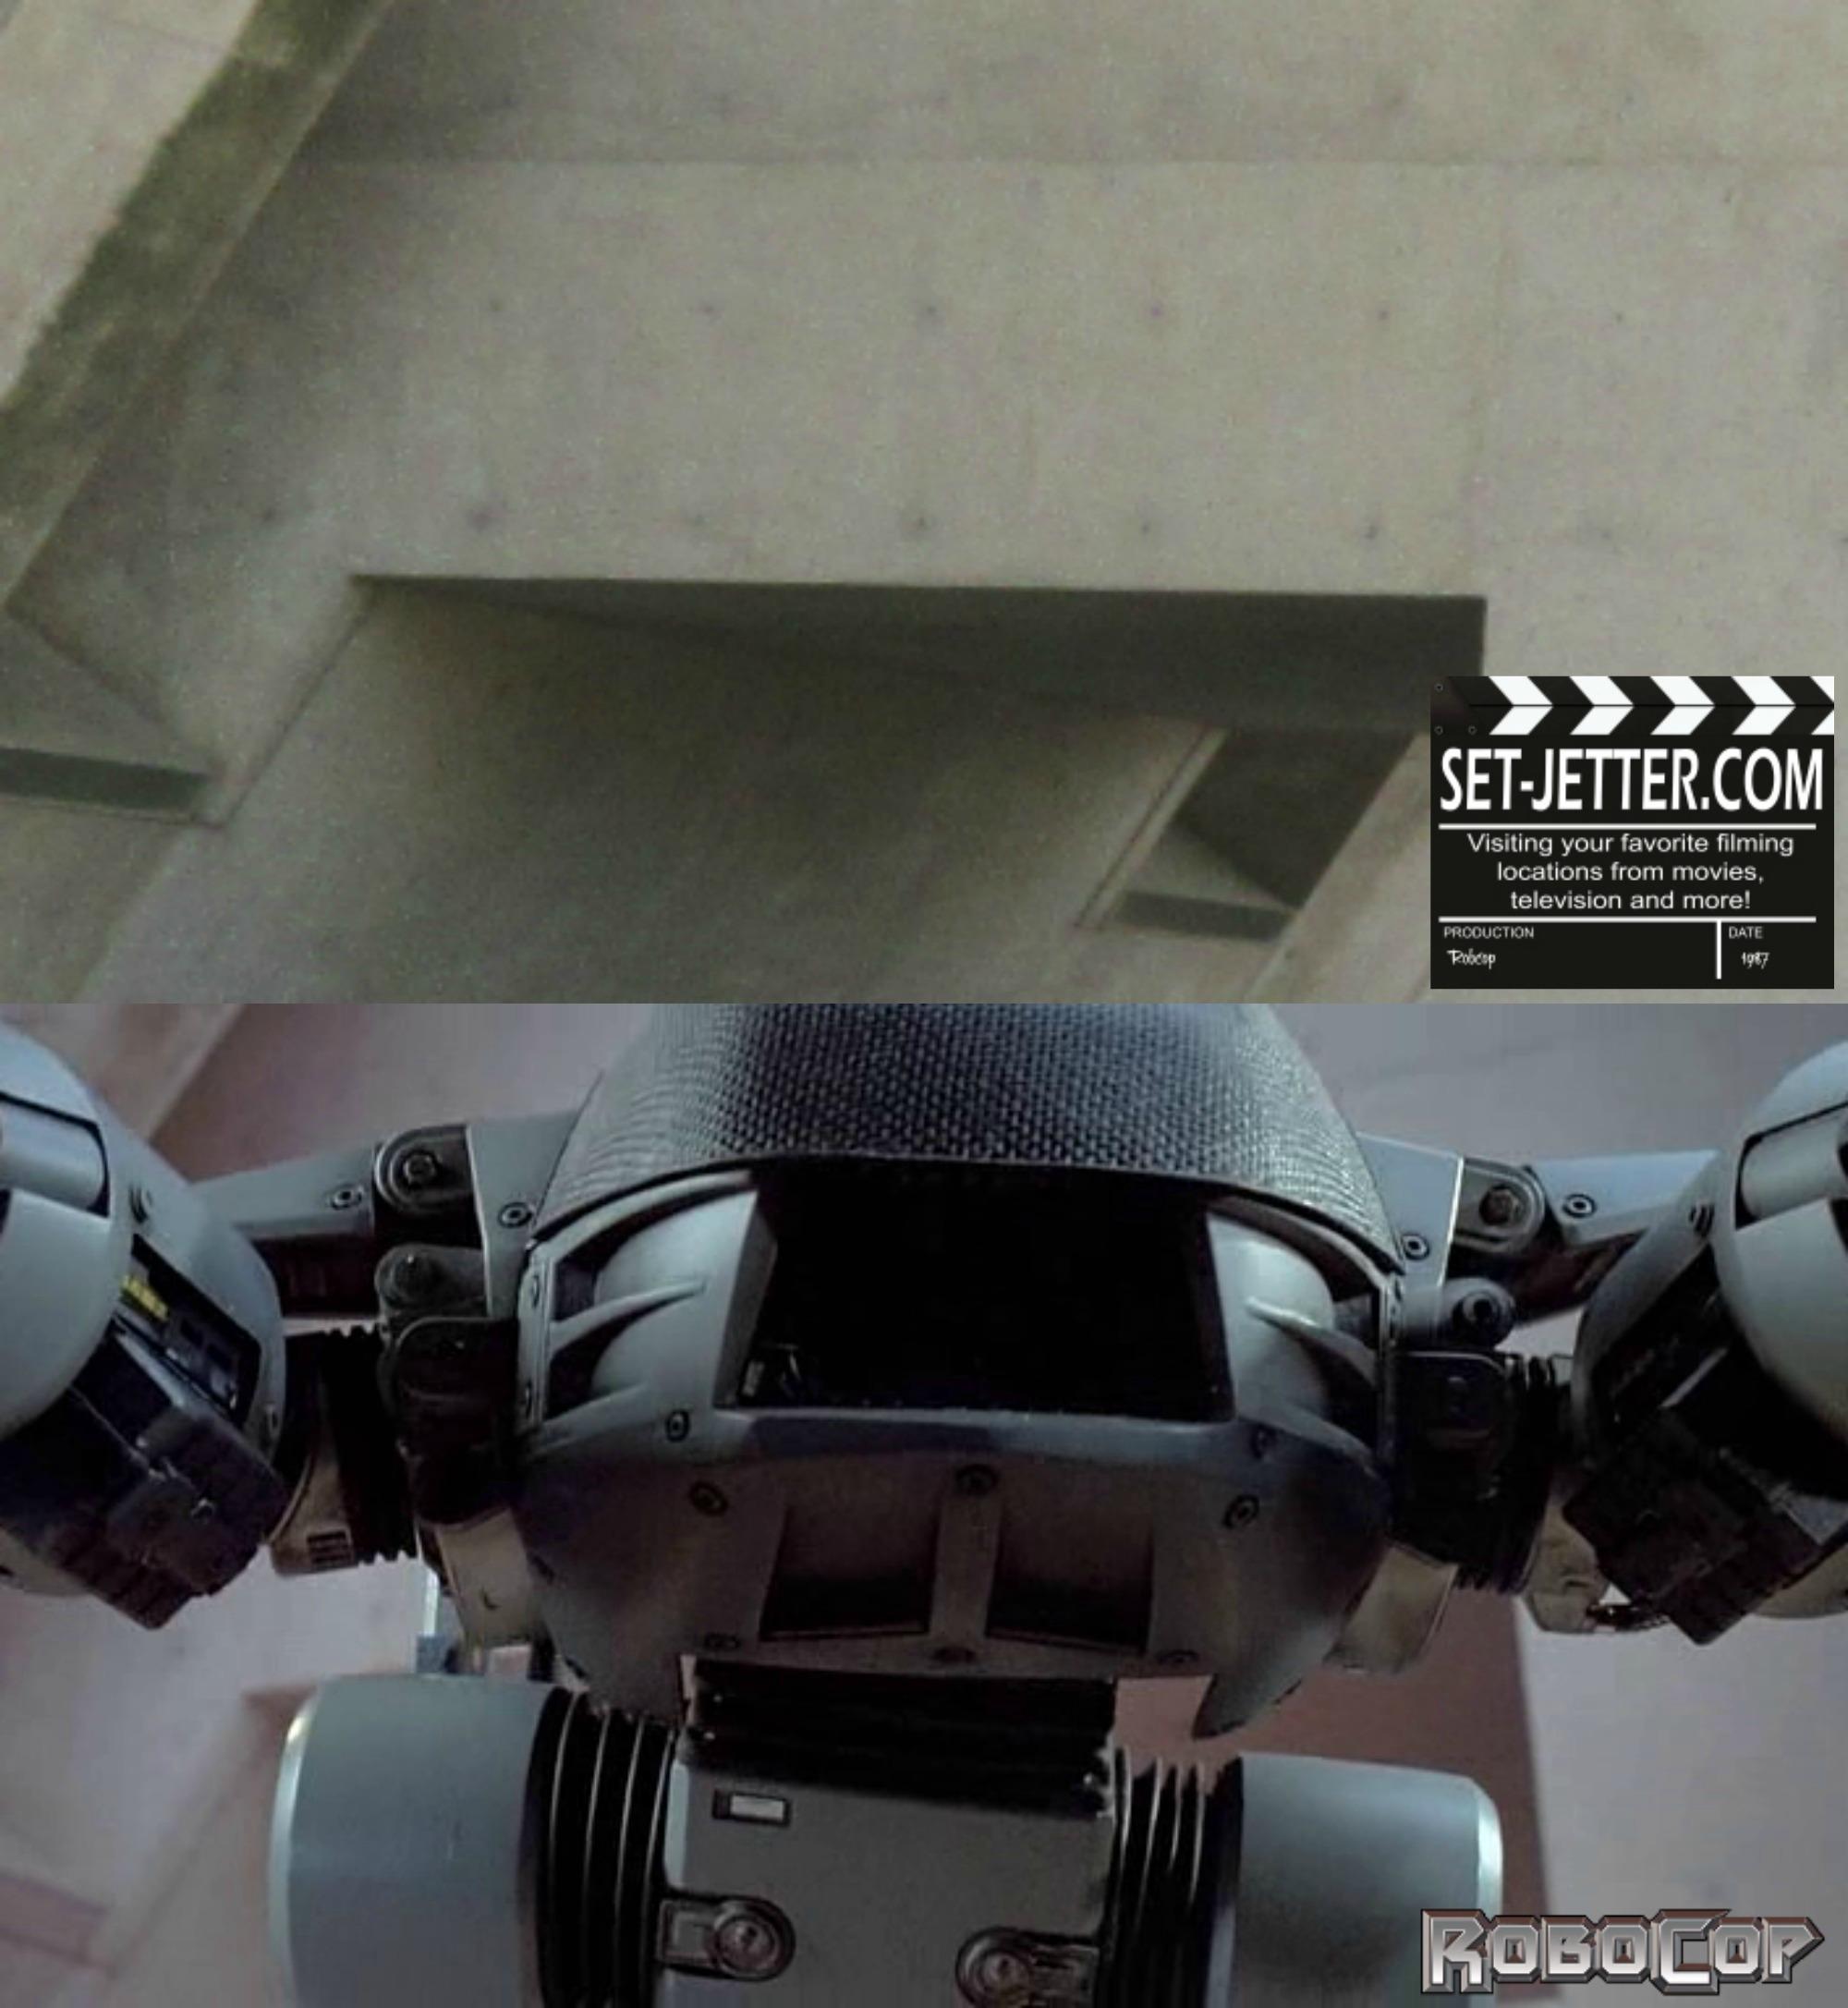 Robocop comparison 169.jpg